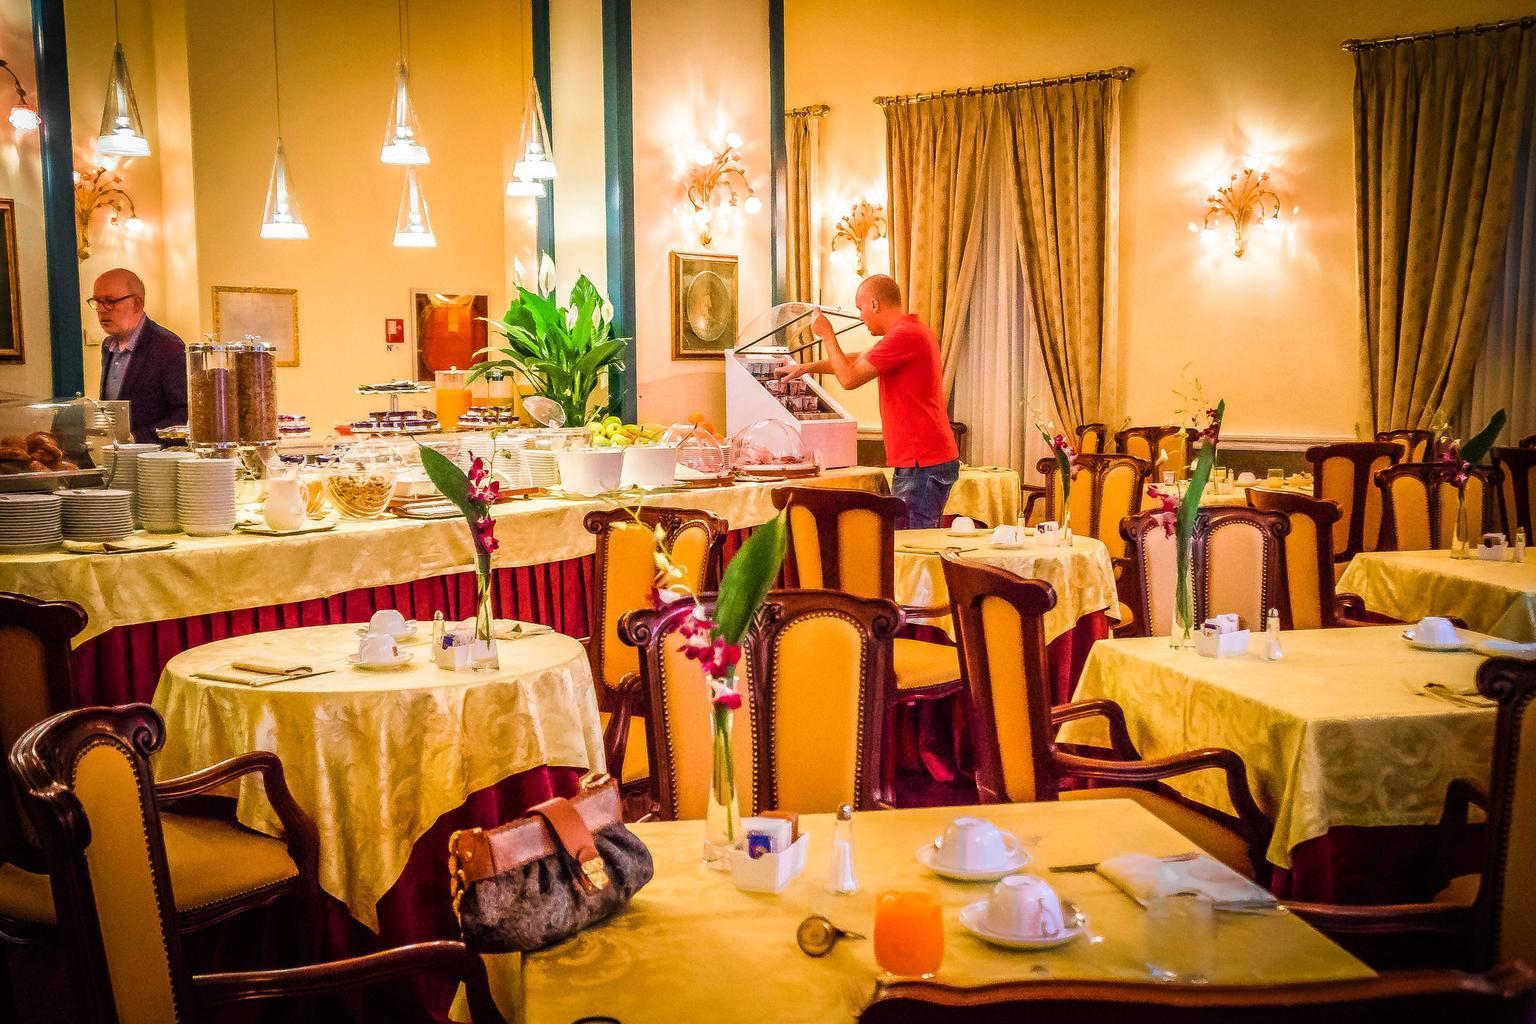 Hotel ve Florencii